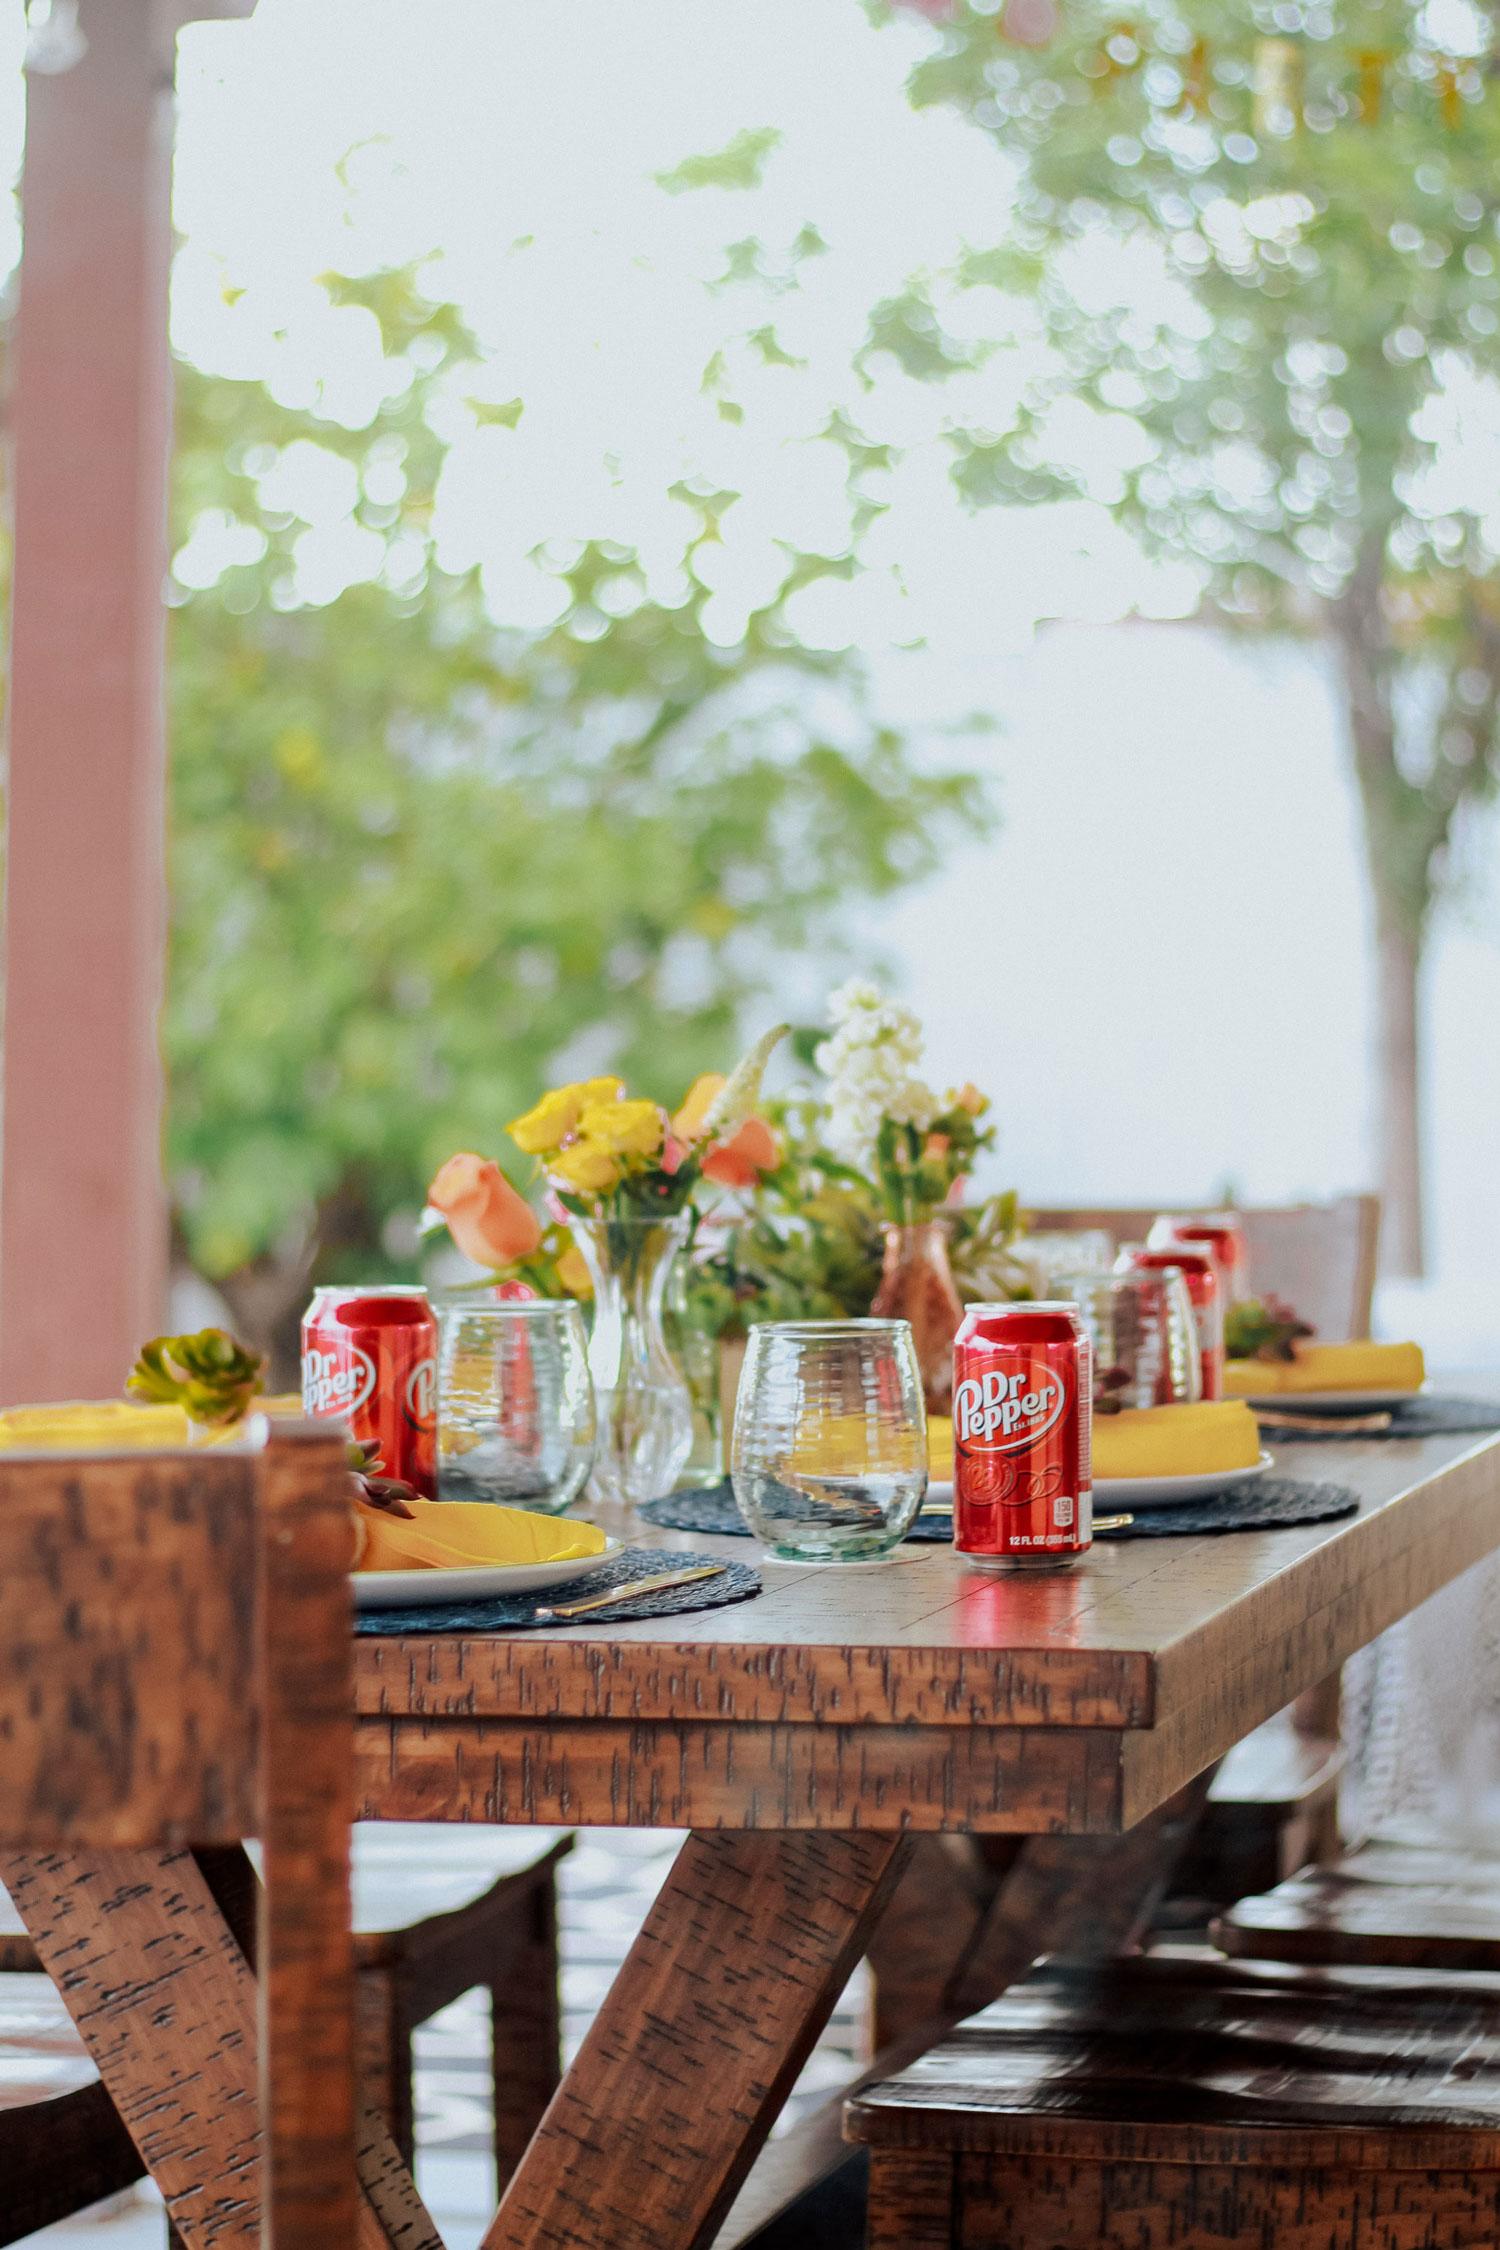 Summer-Backyard-BBQ-with-Dr-Pepper-Walmart-allaboutgoodvibes.com_@thevibescloset